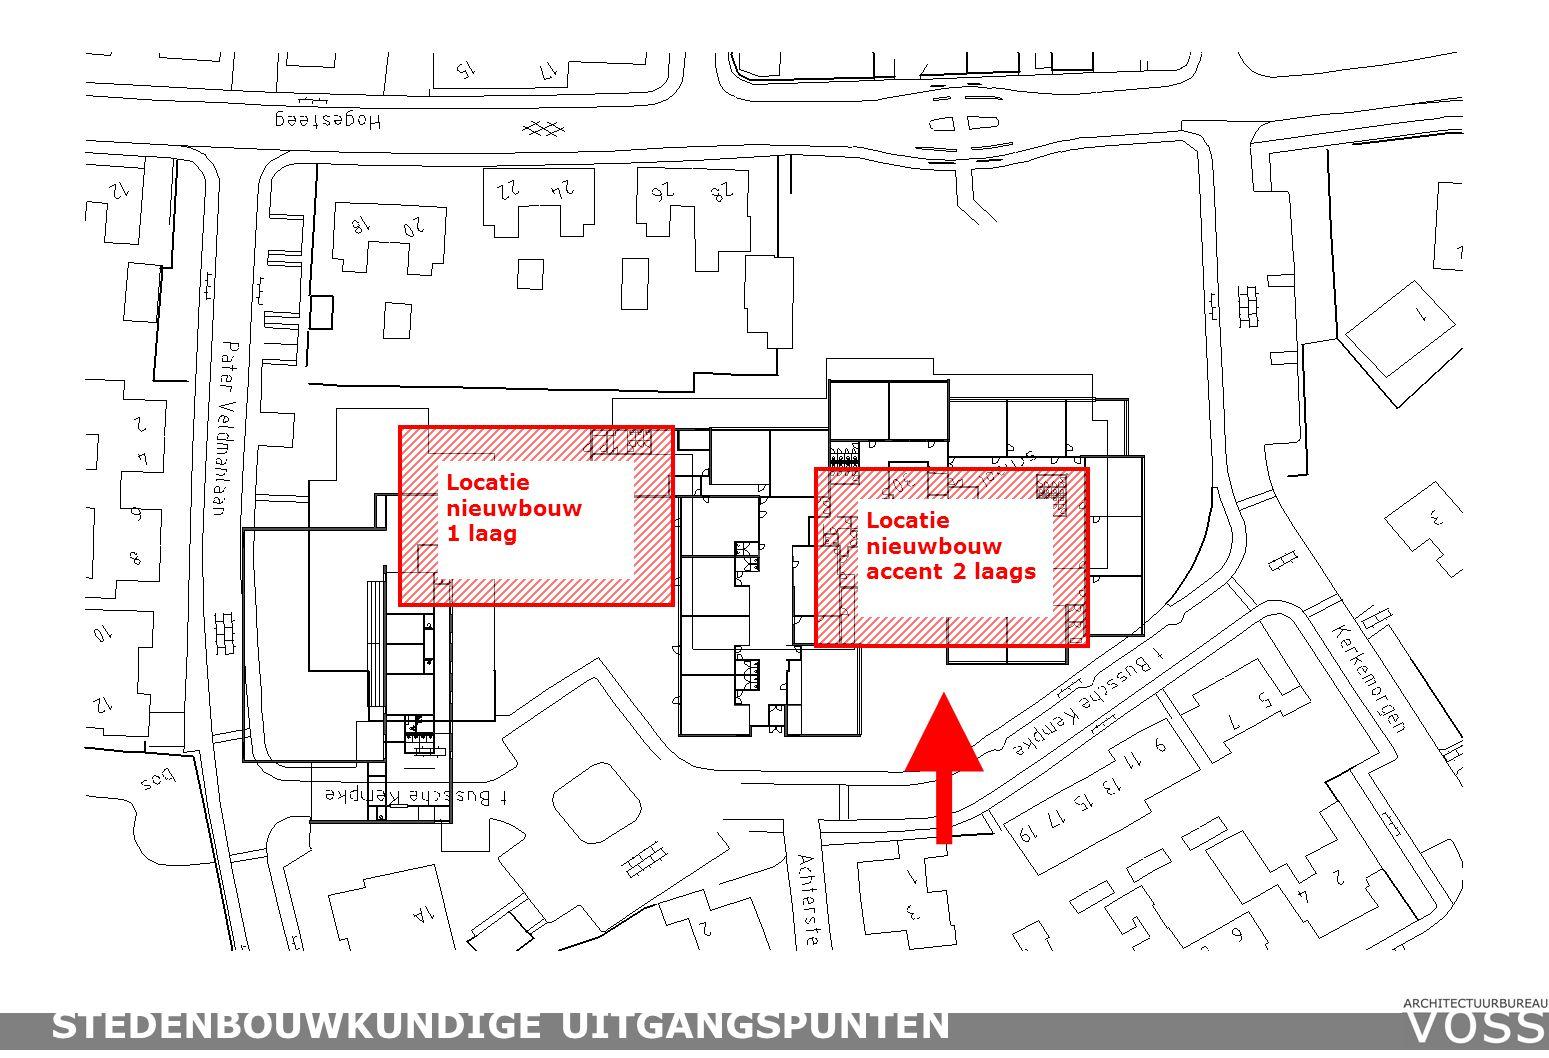 Locatie nieuwbouw accent 2 laags STEDENBOUWKUNDIGE UITGANGSPUNTEN Locatie nieuwbouw 1 laag